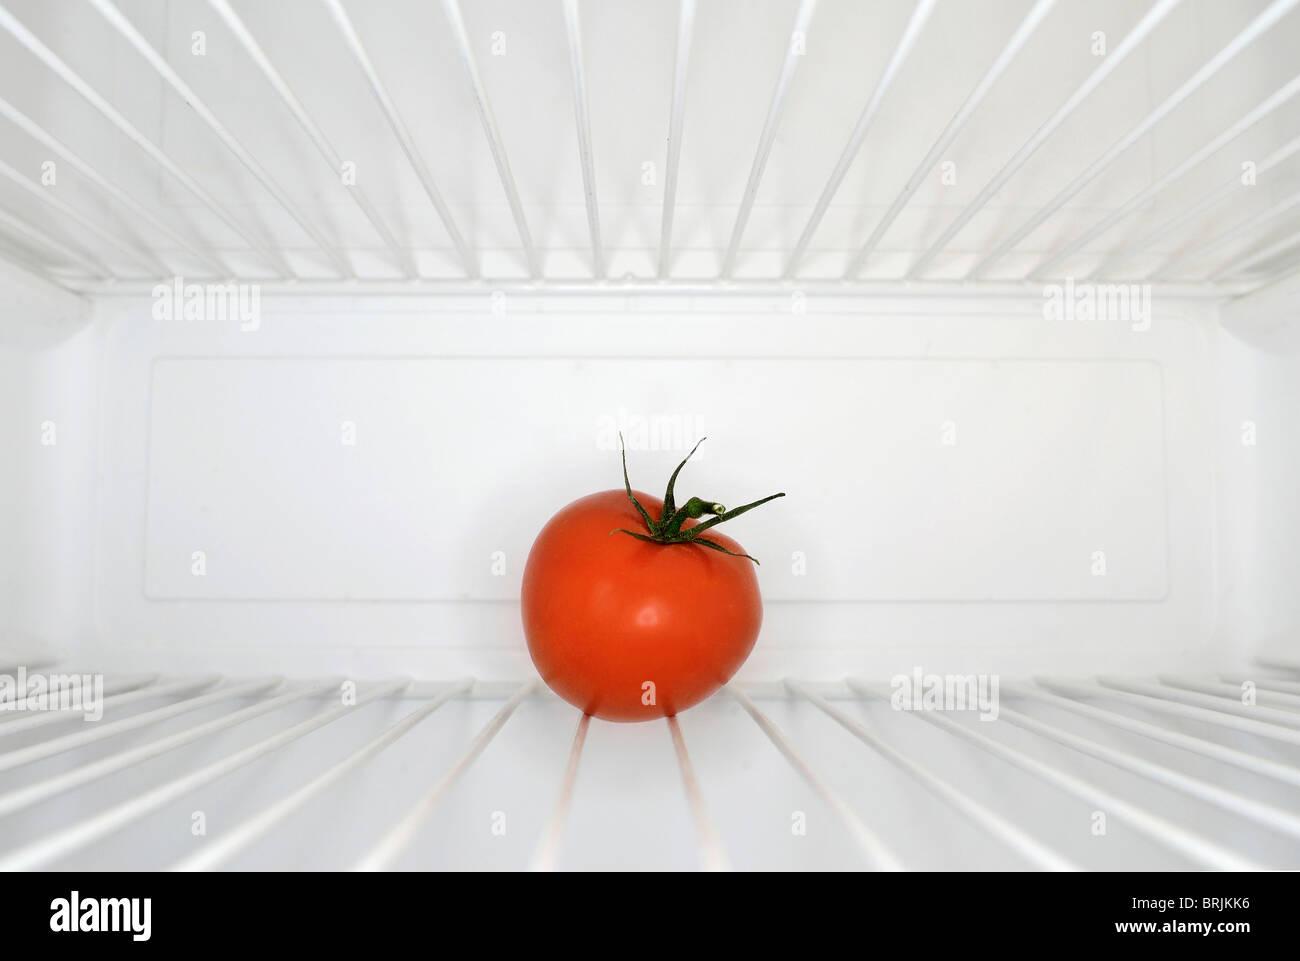 Tomate rouge unique assise sur la durée de l'intérieur de réfrigérateur Photo Stock